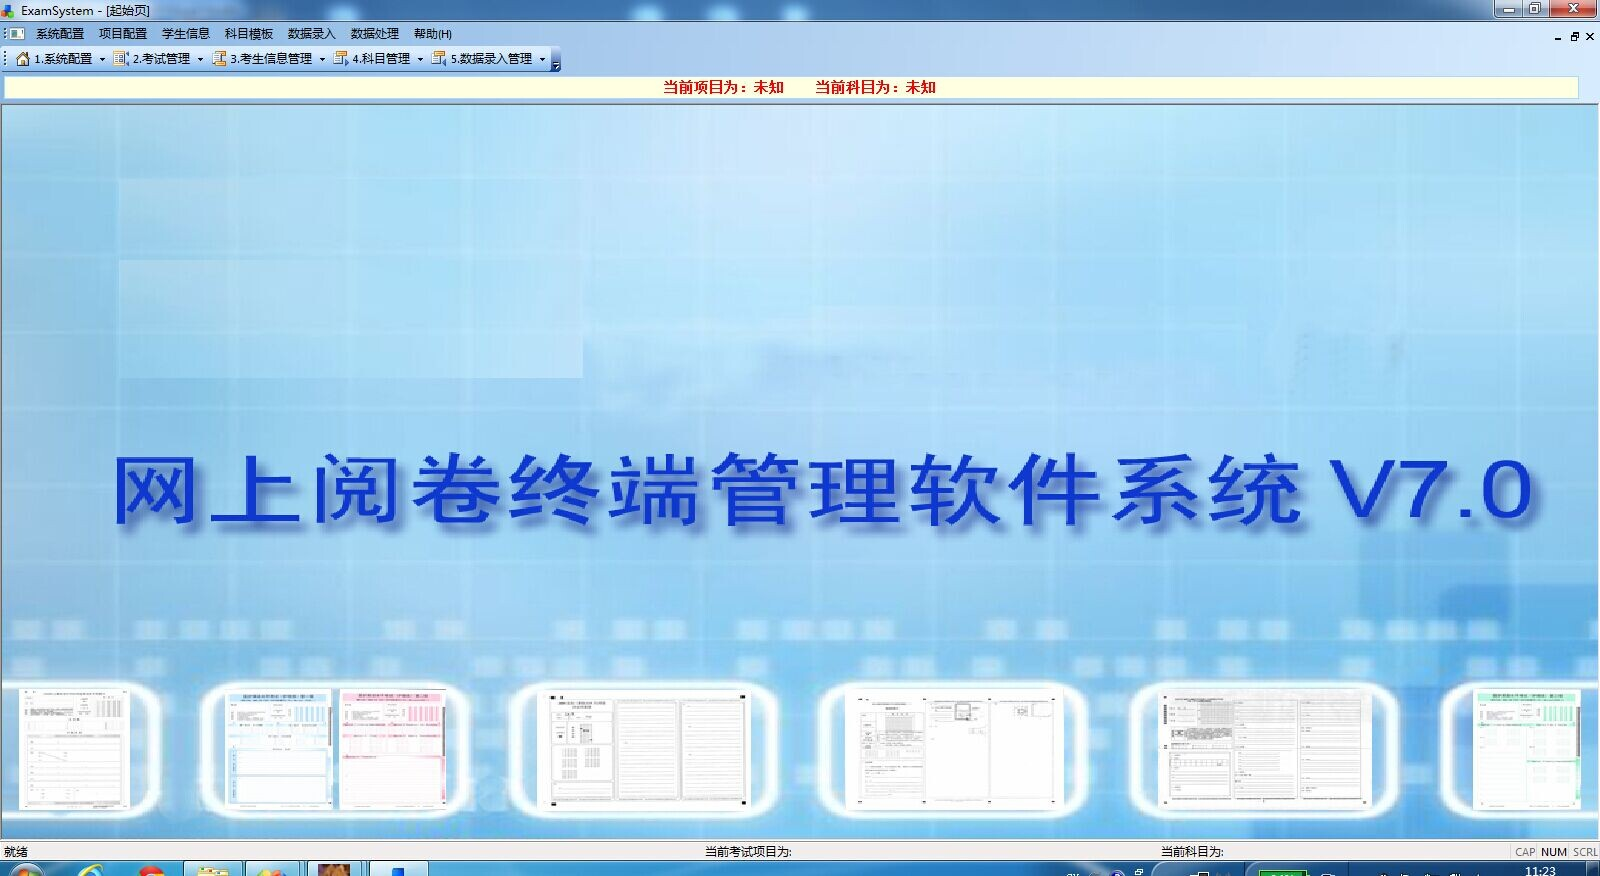 夏津县网上阅卷系统型号 考试阅卷系统厂家供应|行业资讯-河北省南昊高新技术开发有限公司